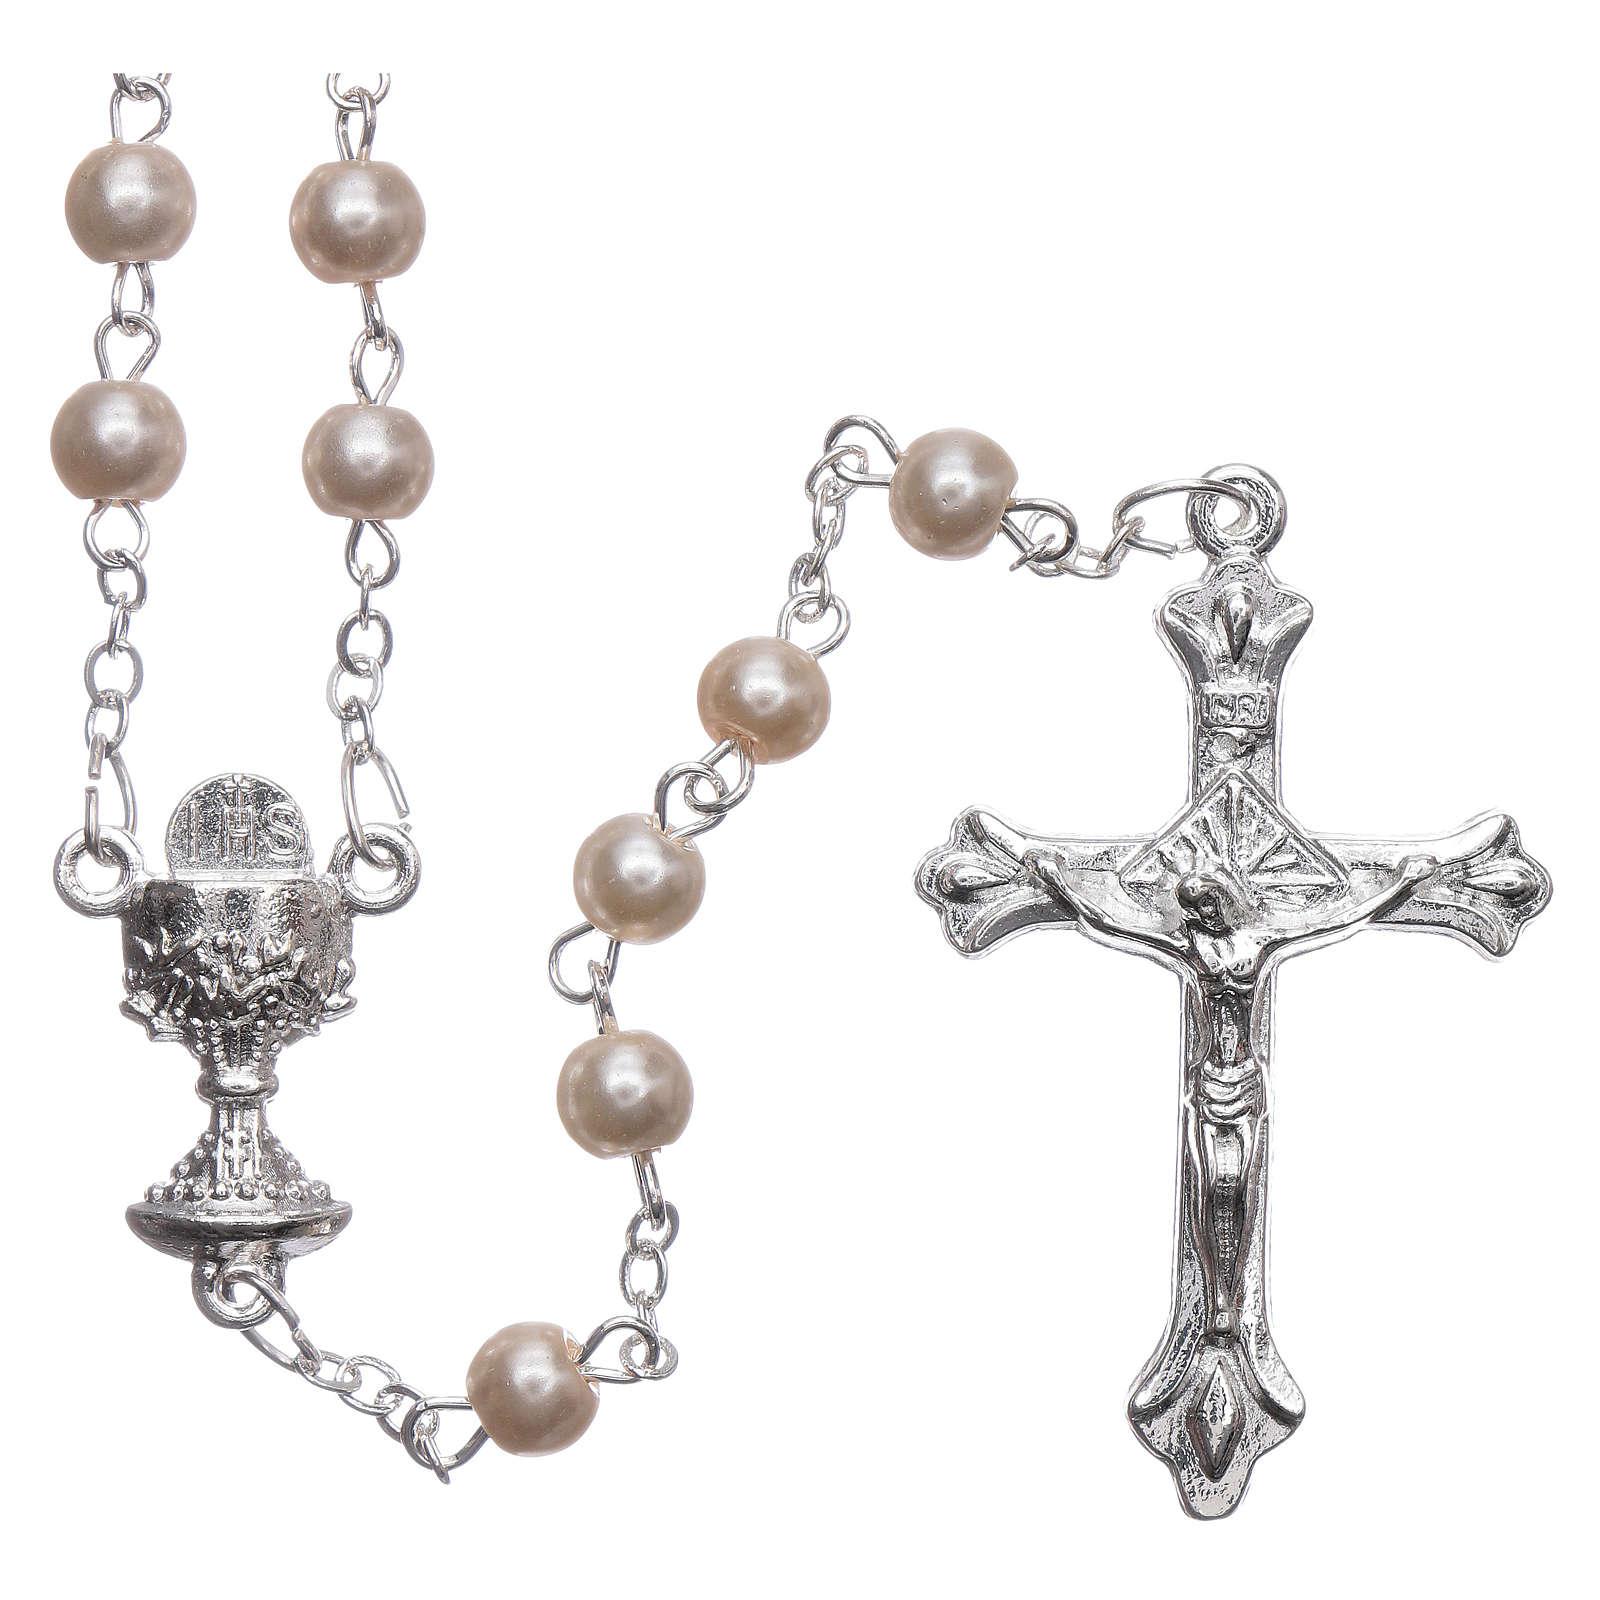 Różaniec Sakramenty Życia Chrześcijańskiego Komunia HISZPAŃSKI 4